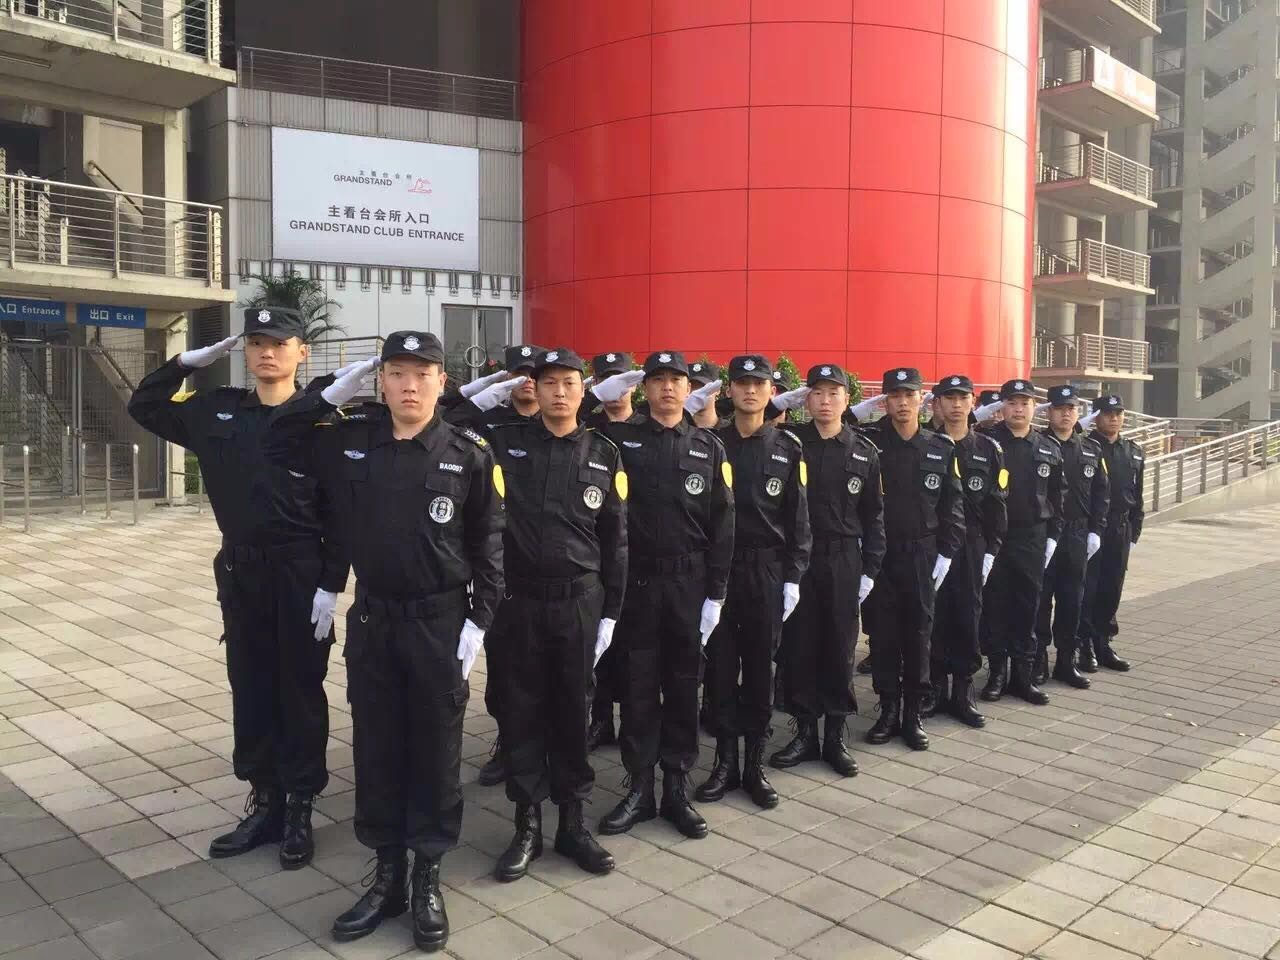 冬之晓保安服务有限公司2016最新招聘信息_电话_地址